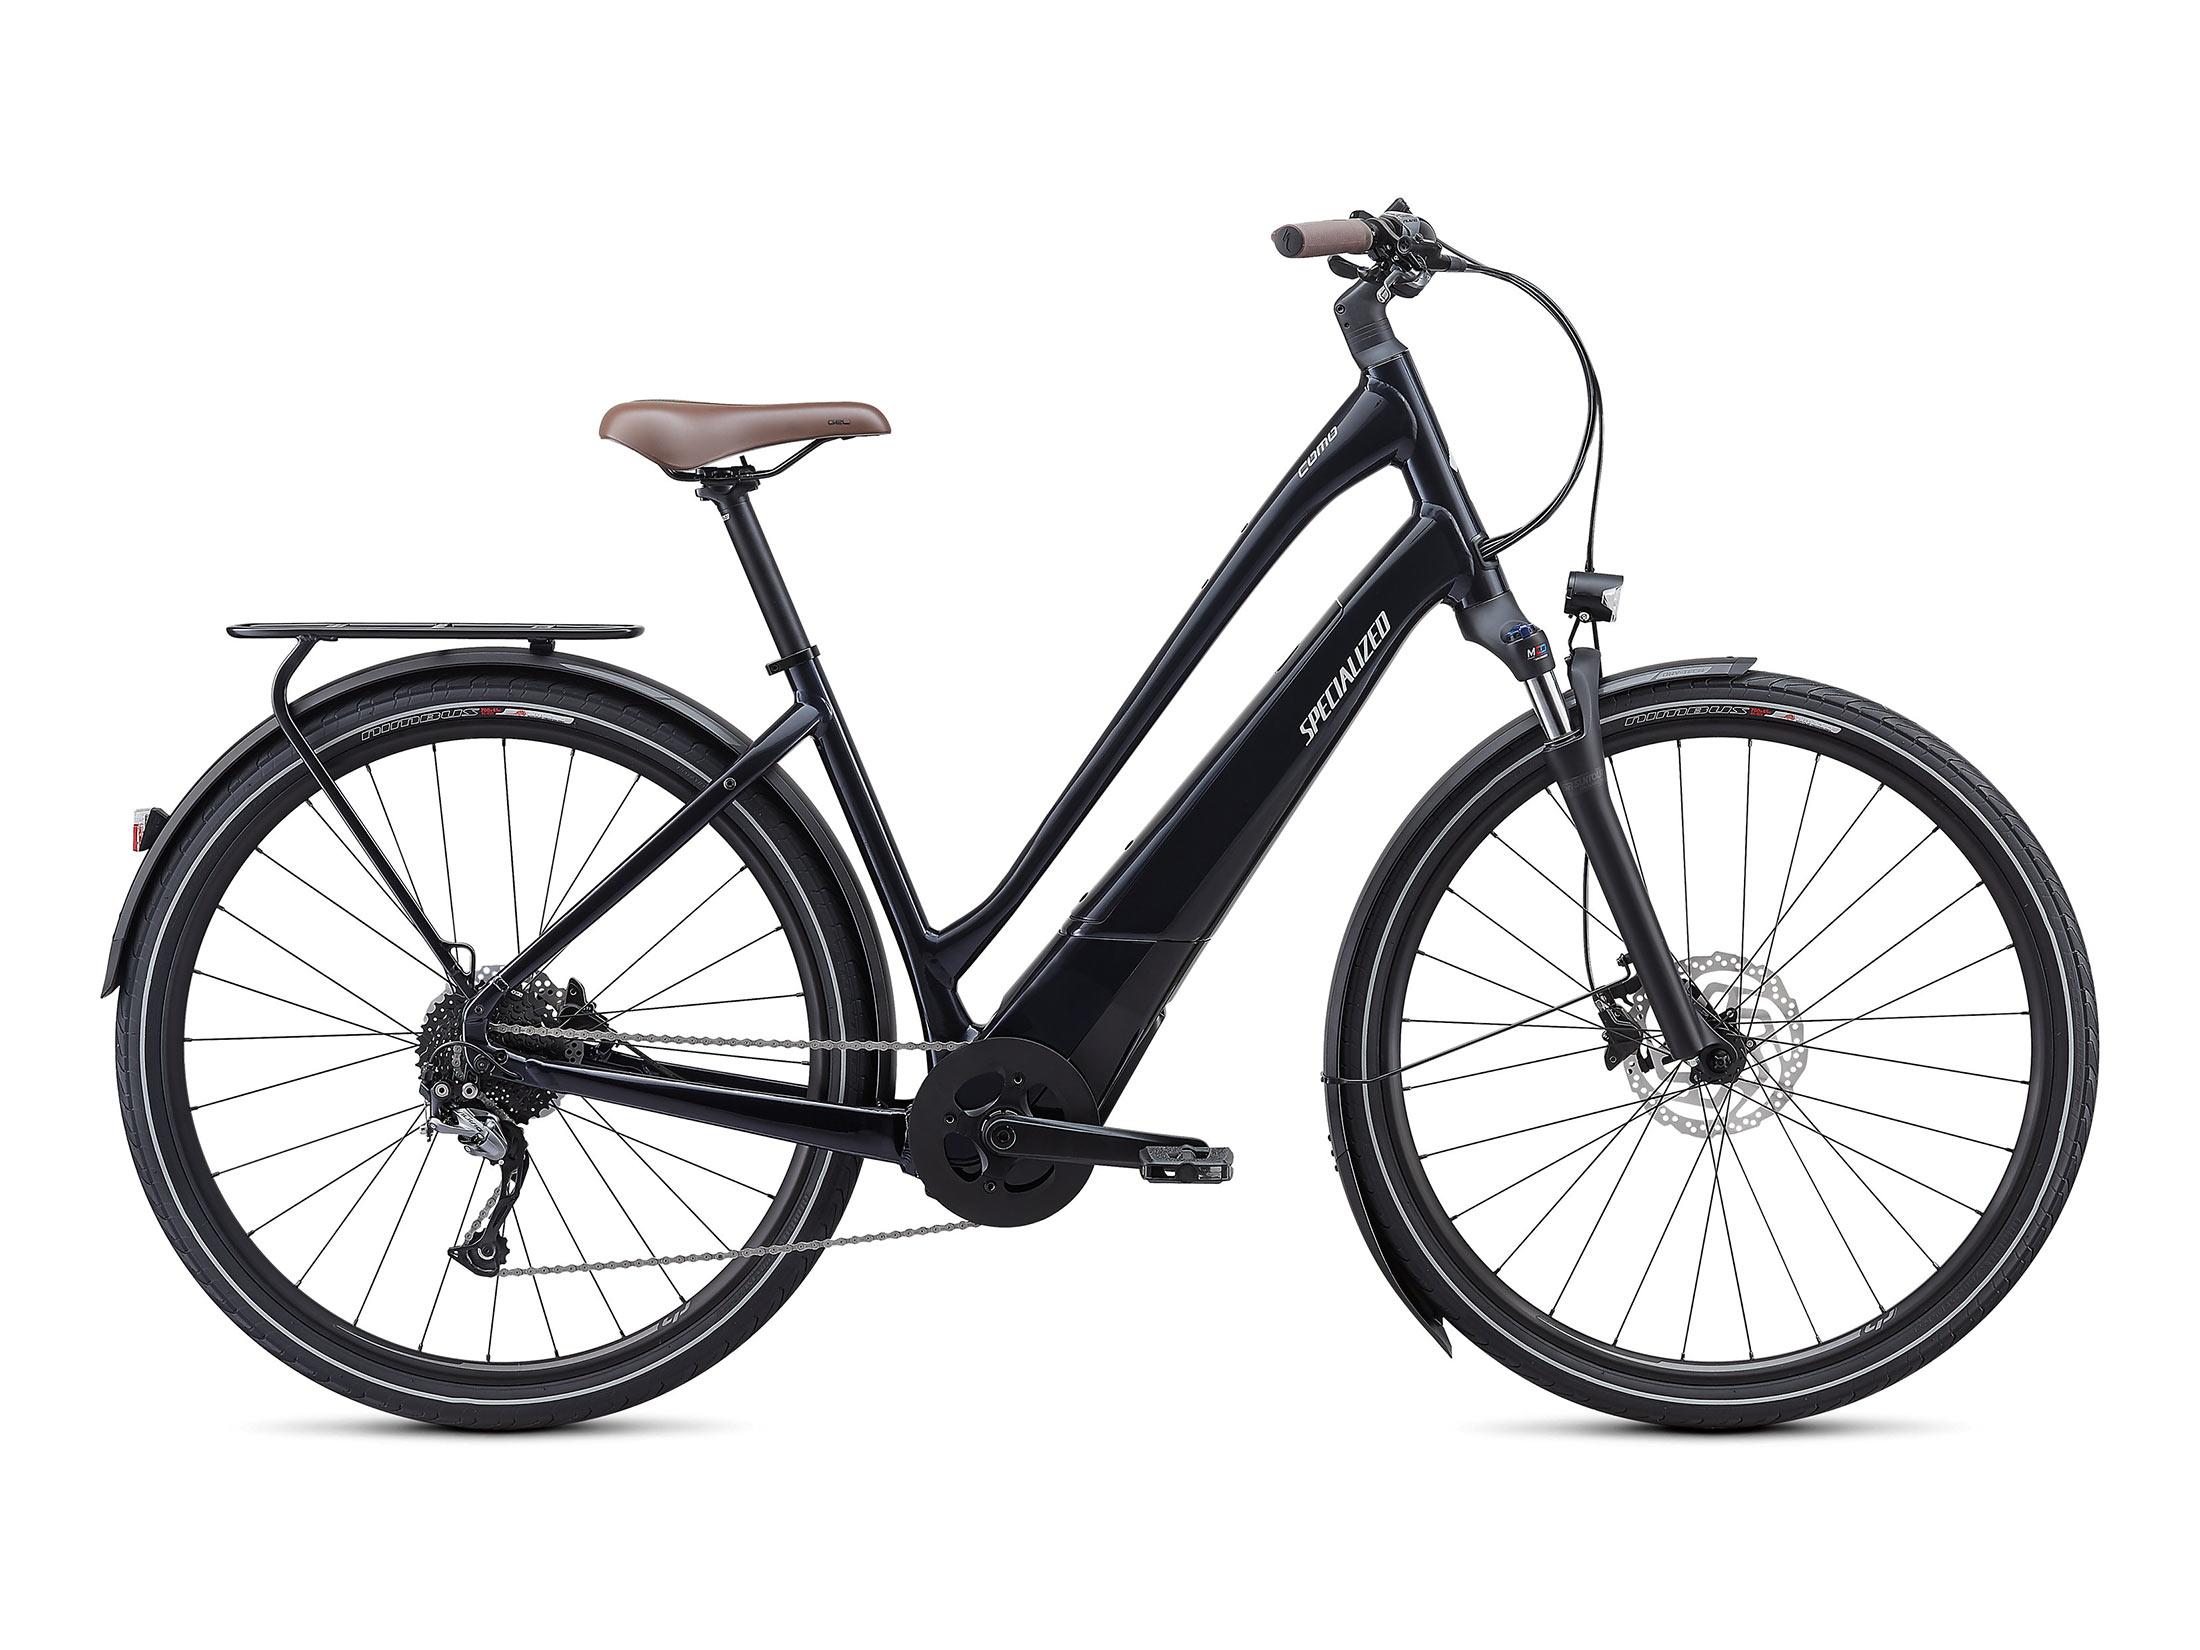 Ηλεκτρικό Ποδήλατο Specialized Turbo Como 3.0 700C - Low-Entry